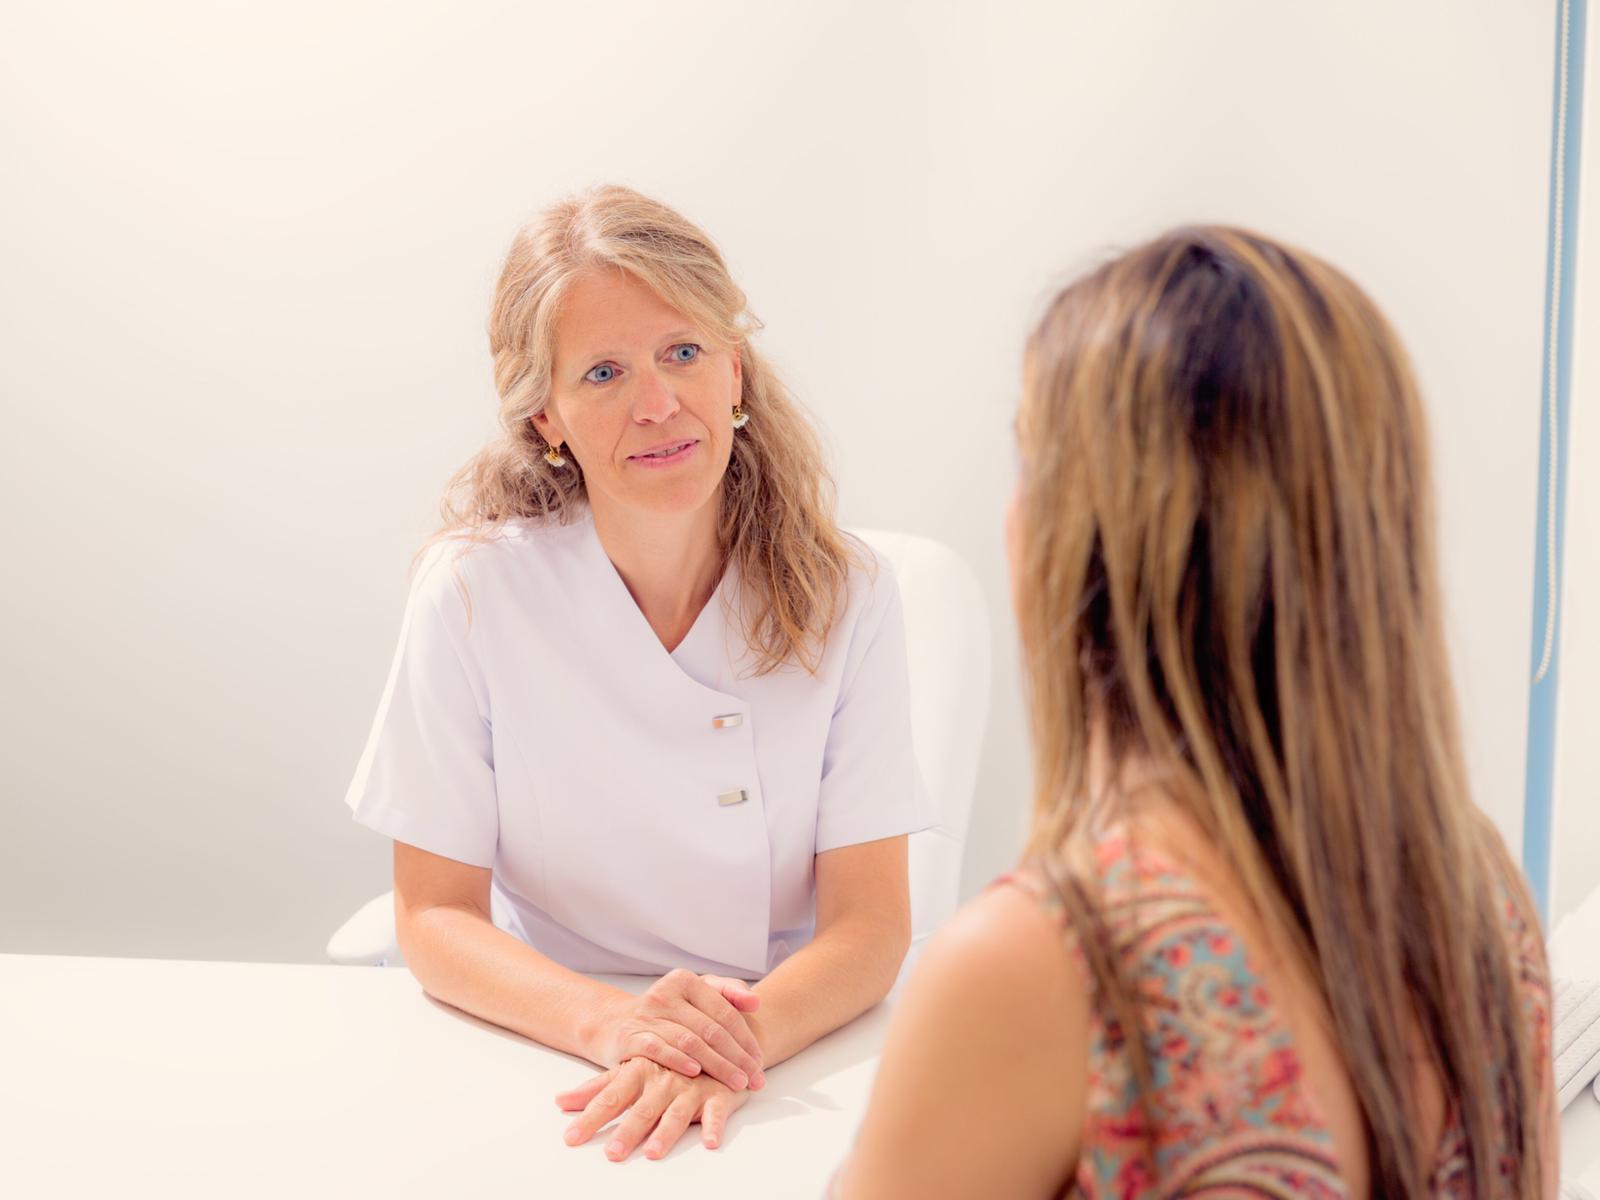 ¿Cómo recomendar a alguien que acuda a terapia?